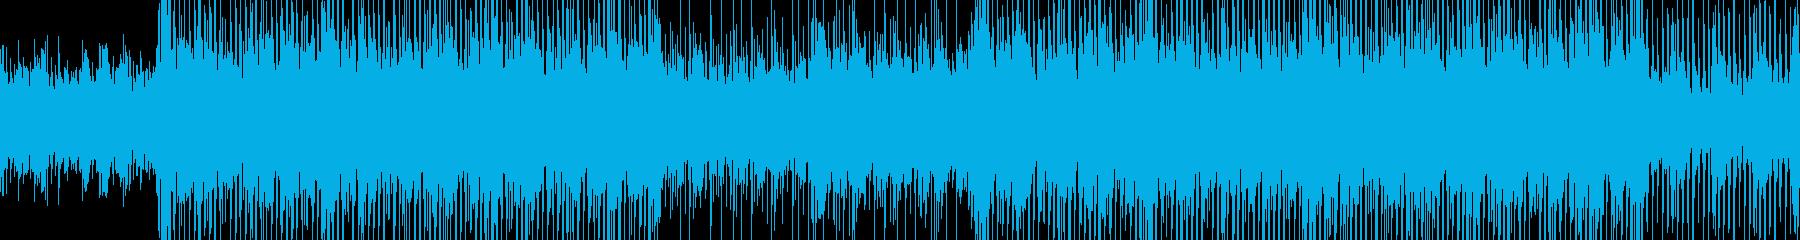 前進したくなる曲 CMや企業ビデオなどにの再生済みの波形